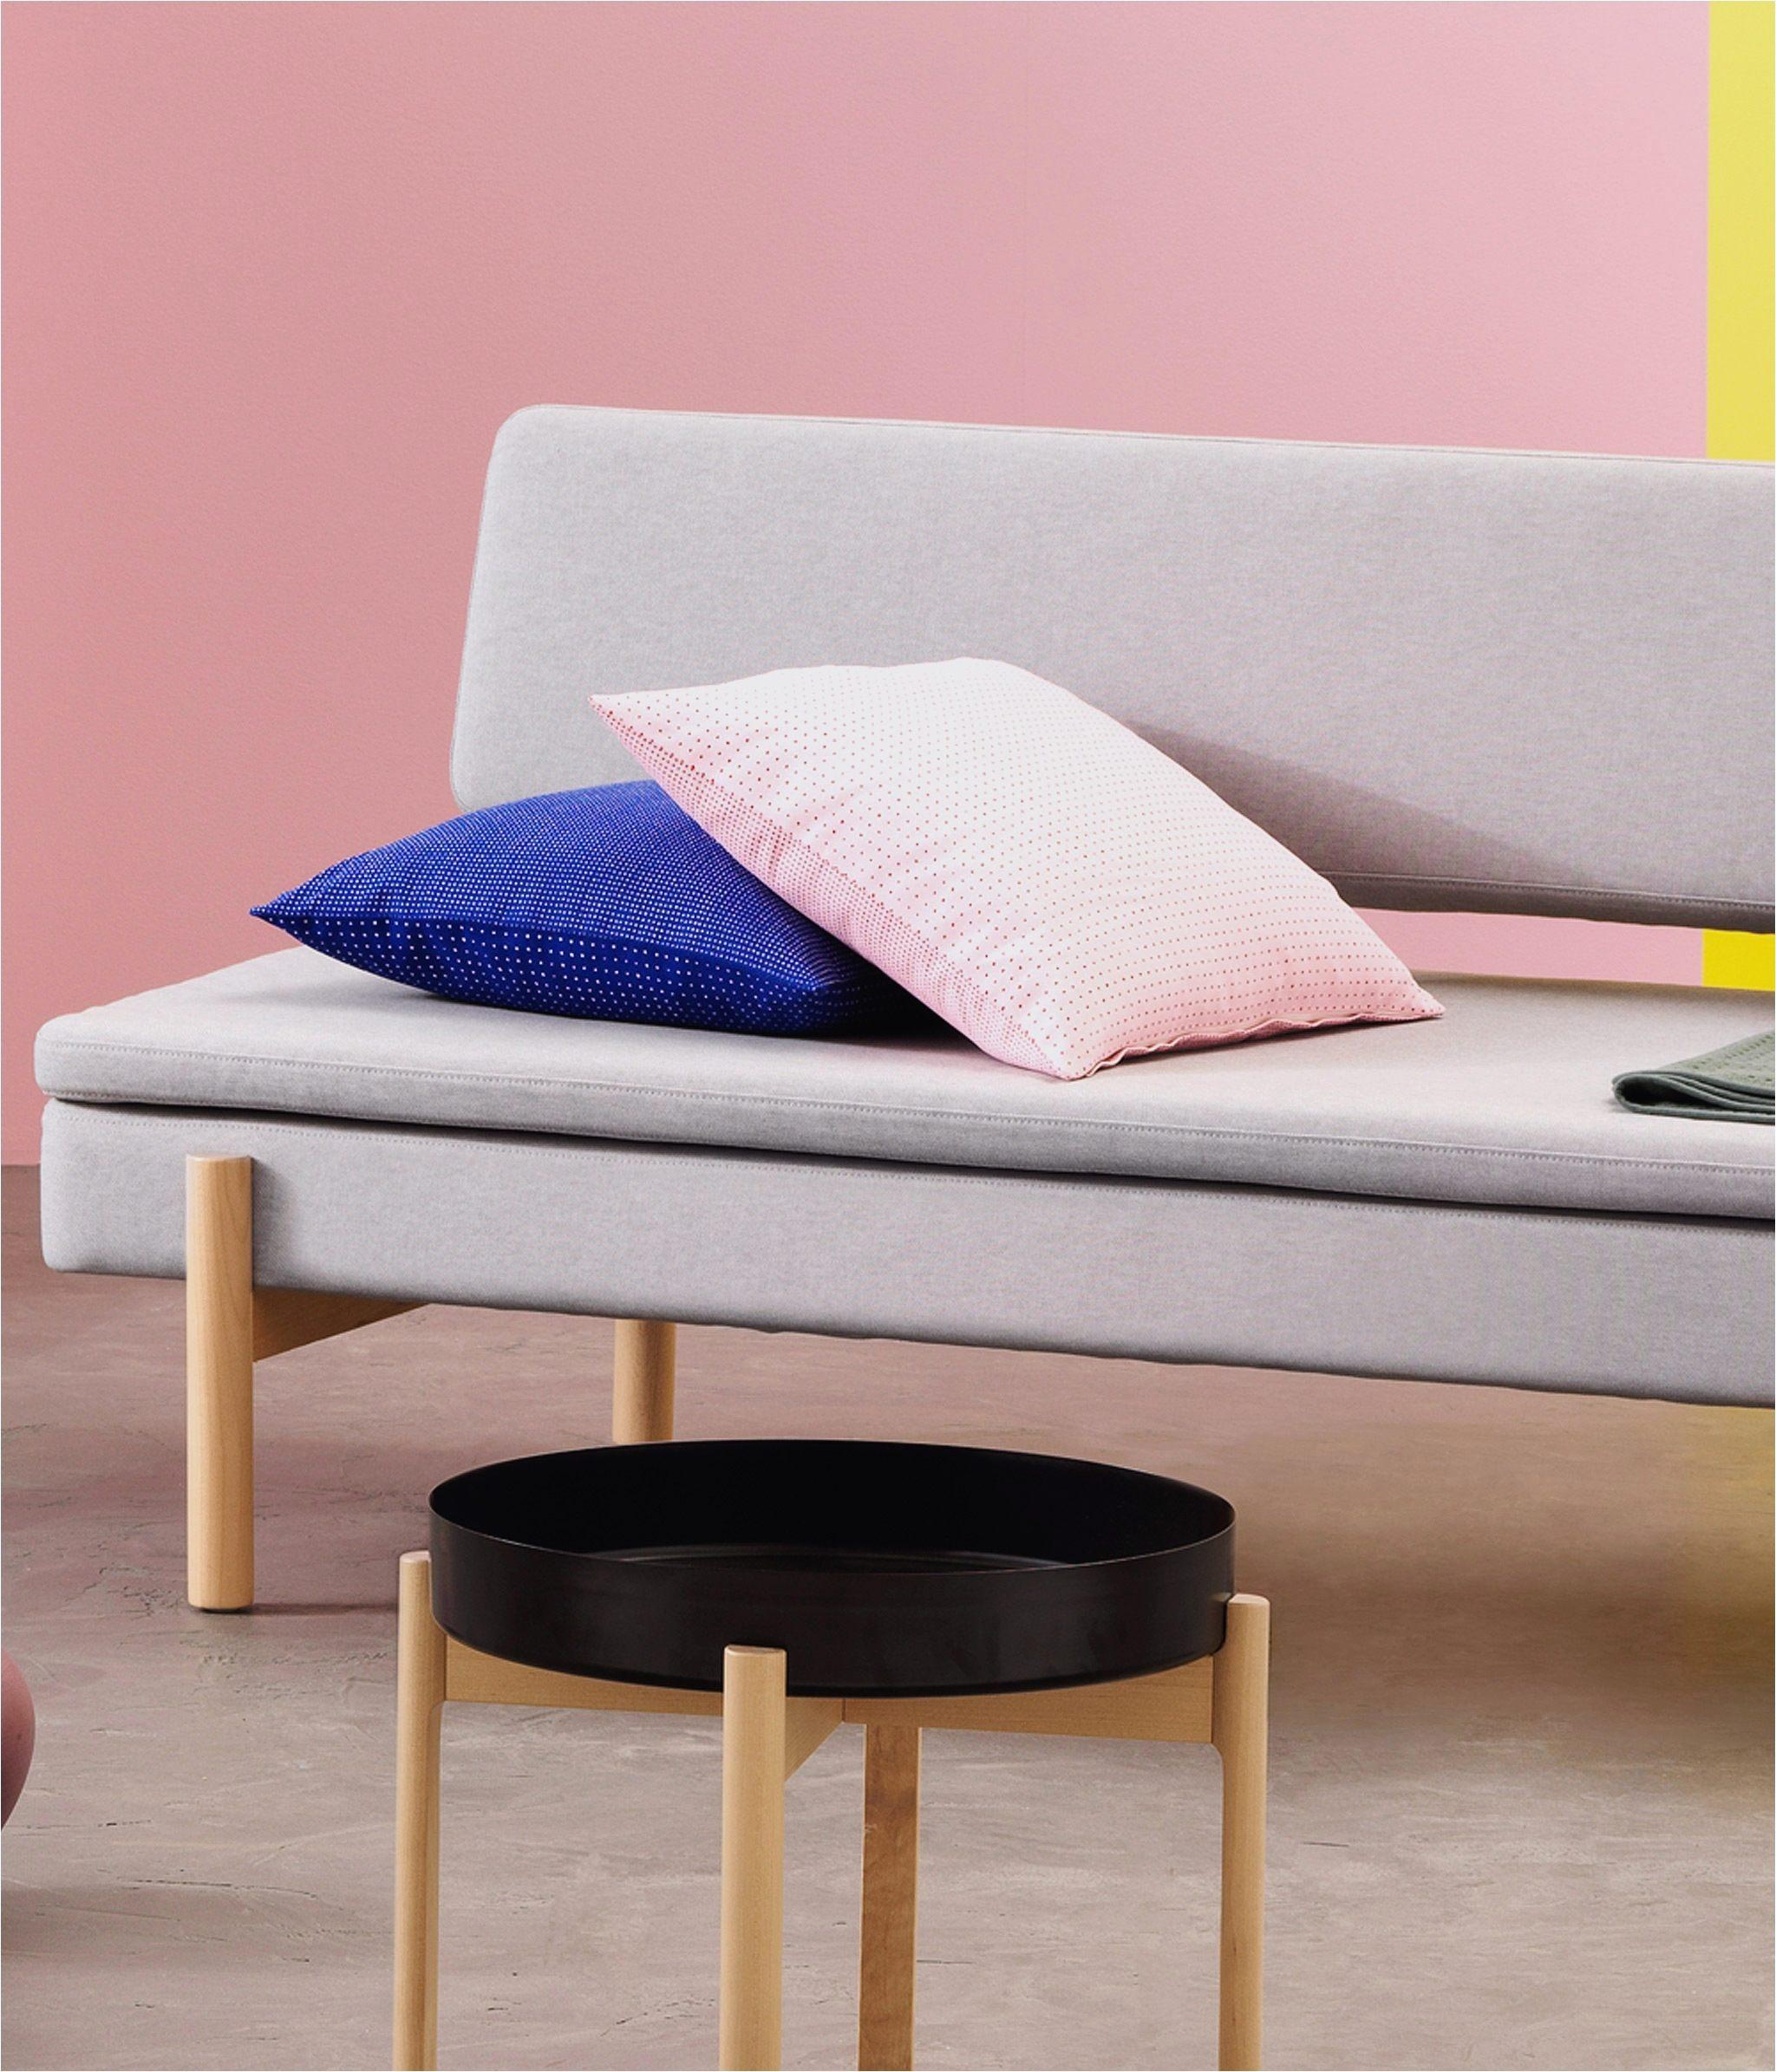 Lit Pliable 2 Places Impressionnant Lit Escamotable 2 Places élégant Intex Rest Bed Deluxe Fiber Tech 2